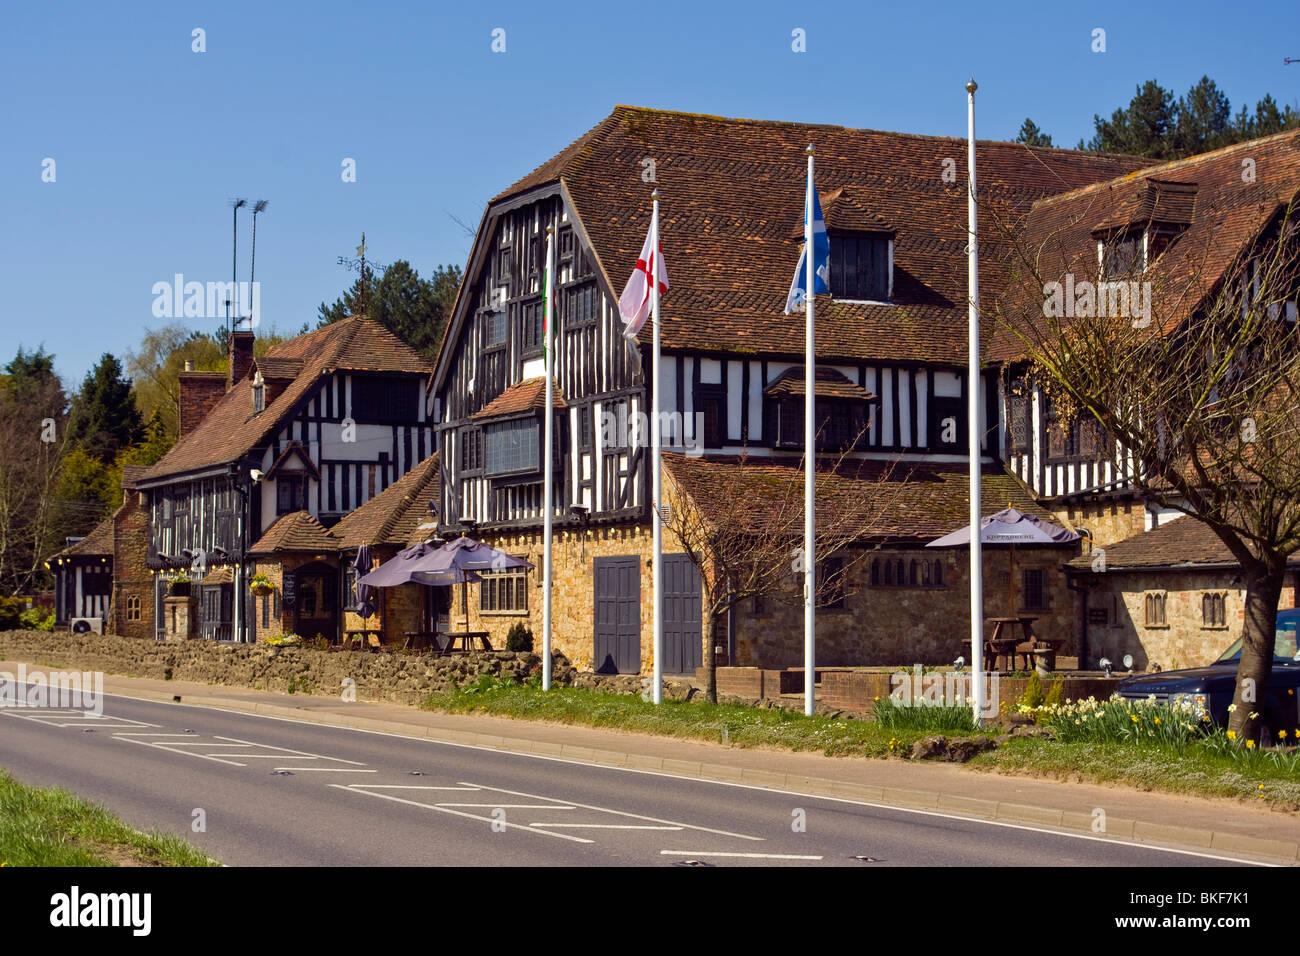 The Grasshopper Inn Moorhouse Near Westerham Kent - Stock Image